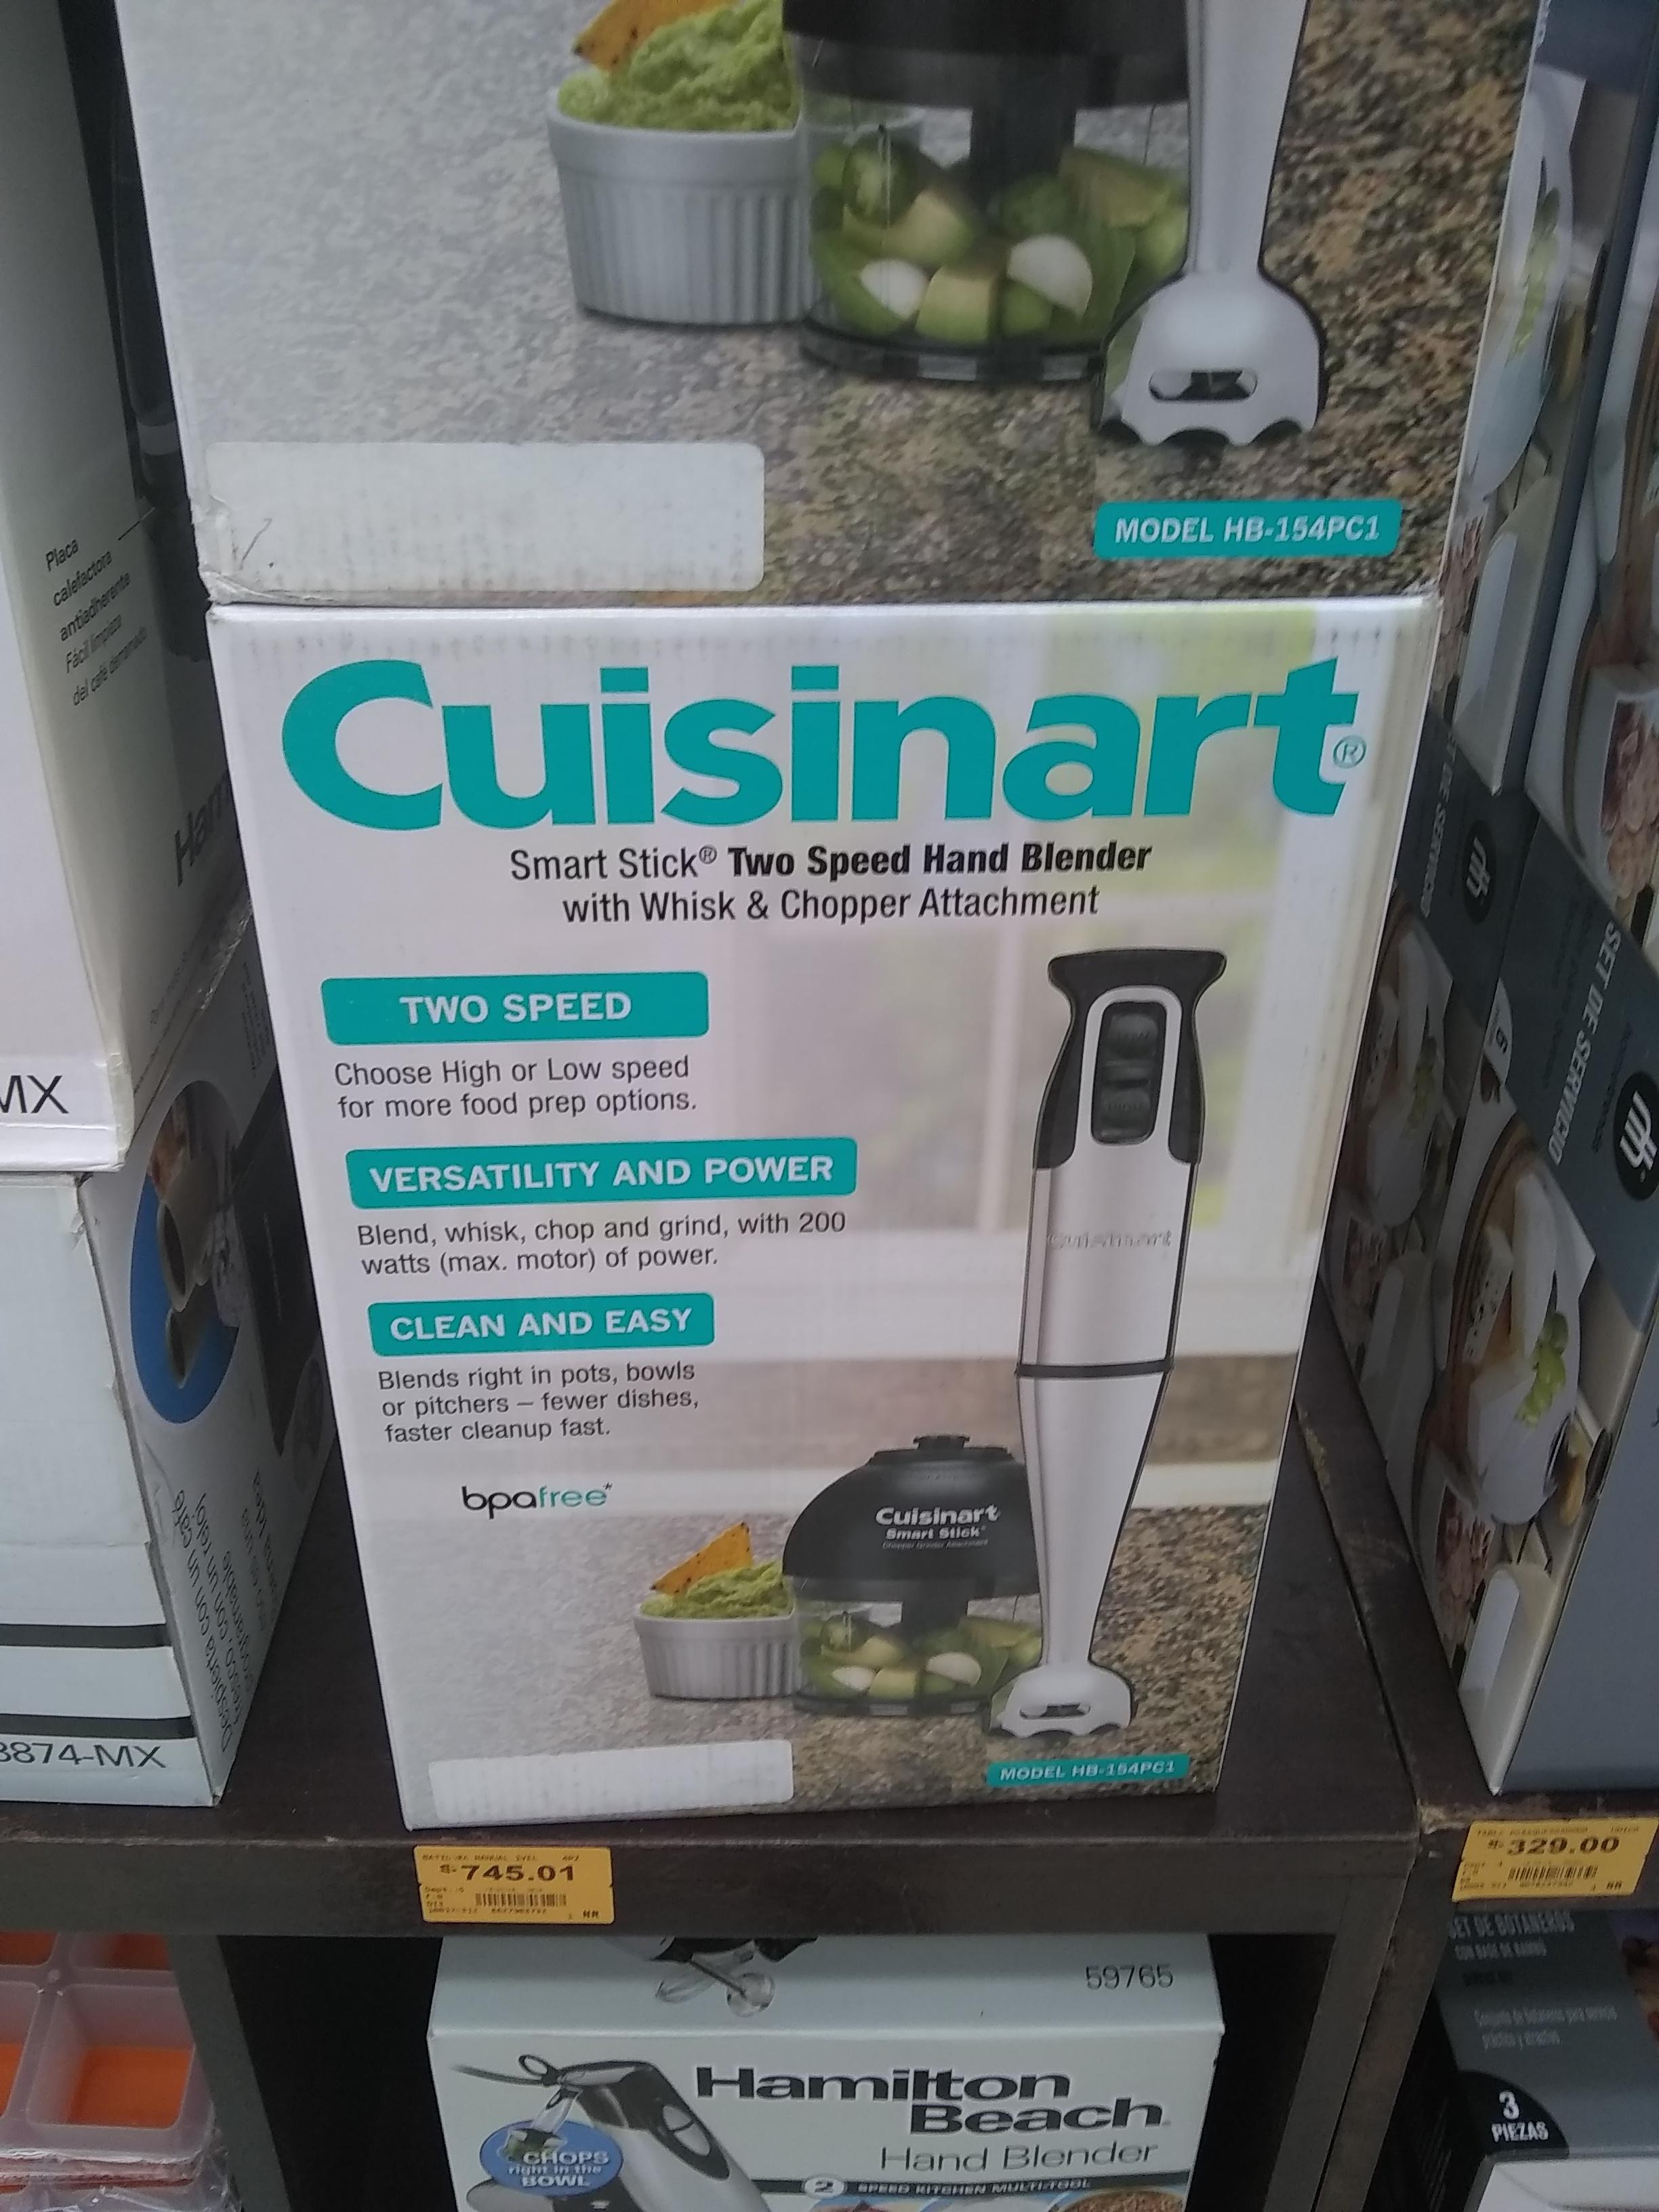 Superama: Batidora de inmersión Cuisinart y Cafetera Dolce Gusto $900.02